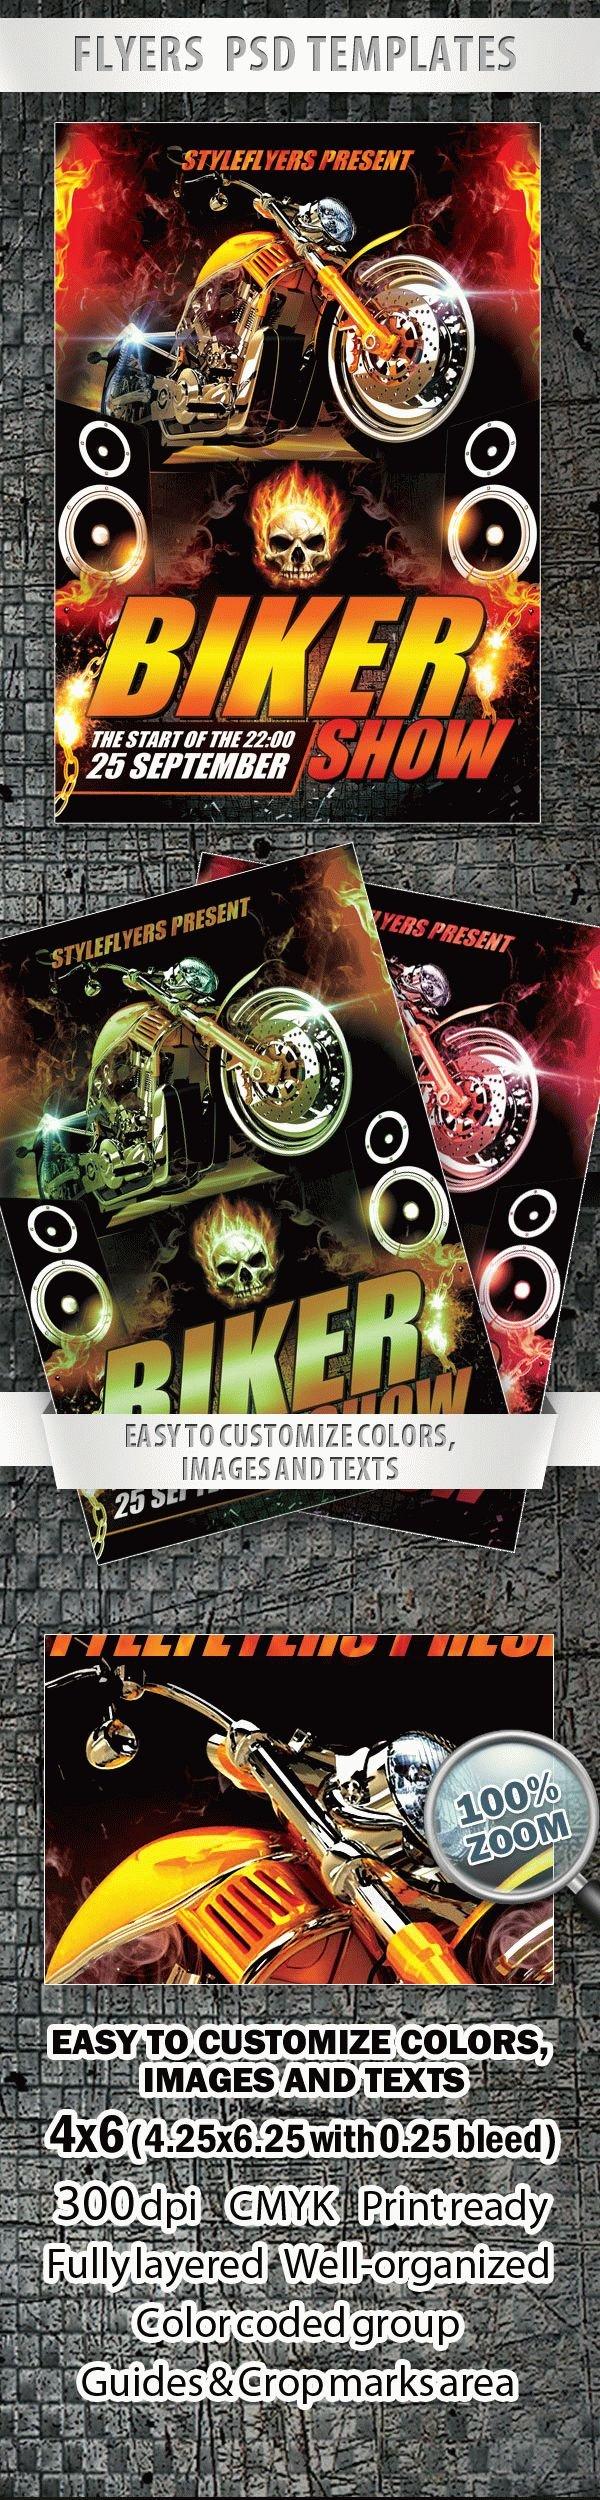 Biker Show FREE PSD Flyer